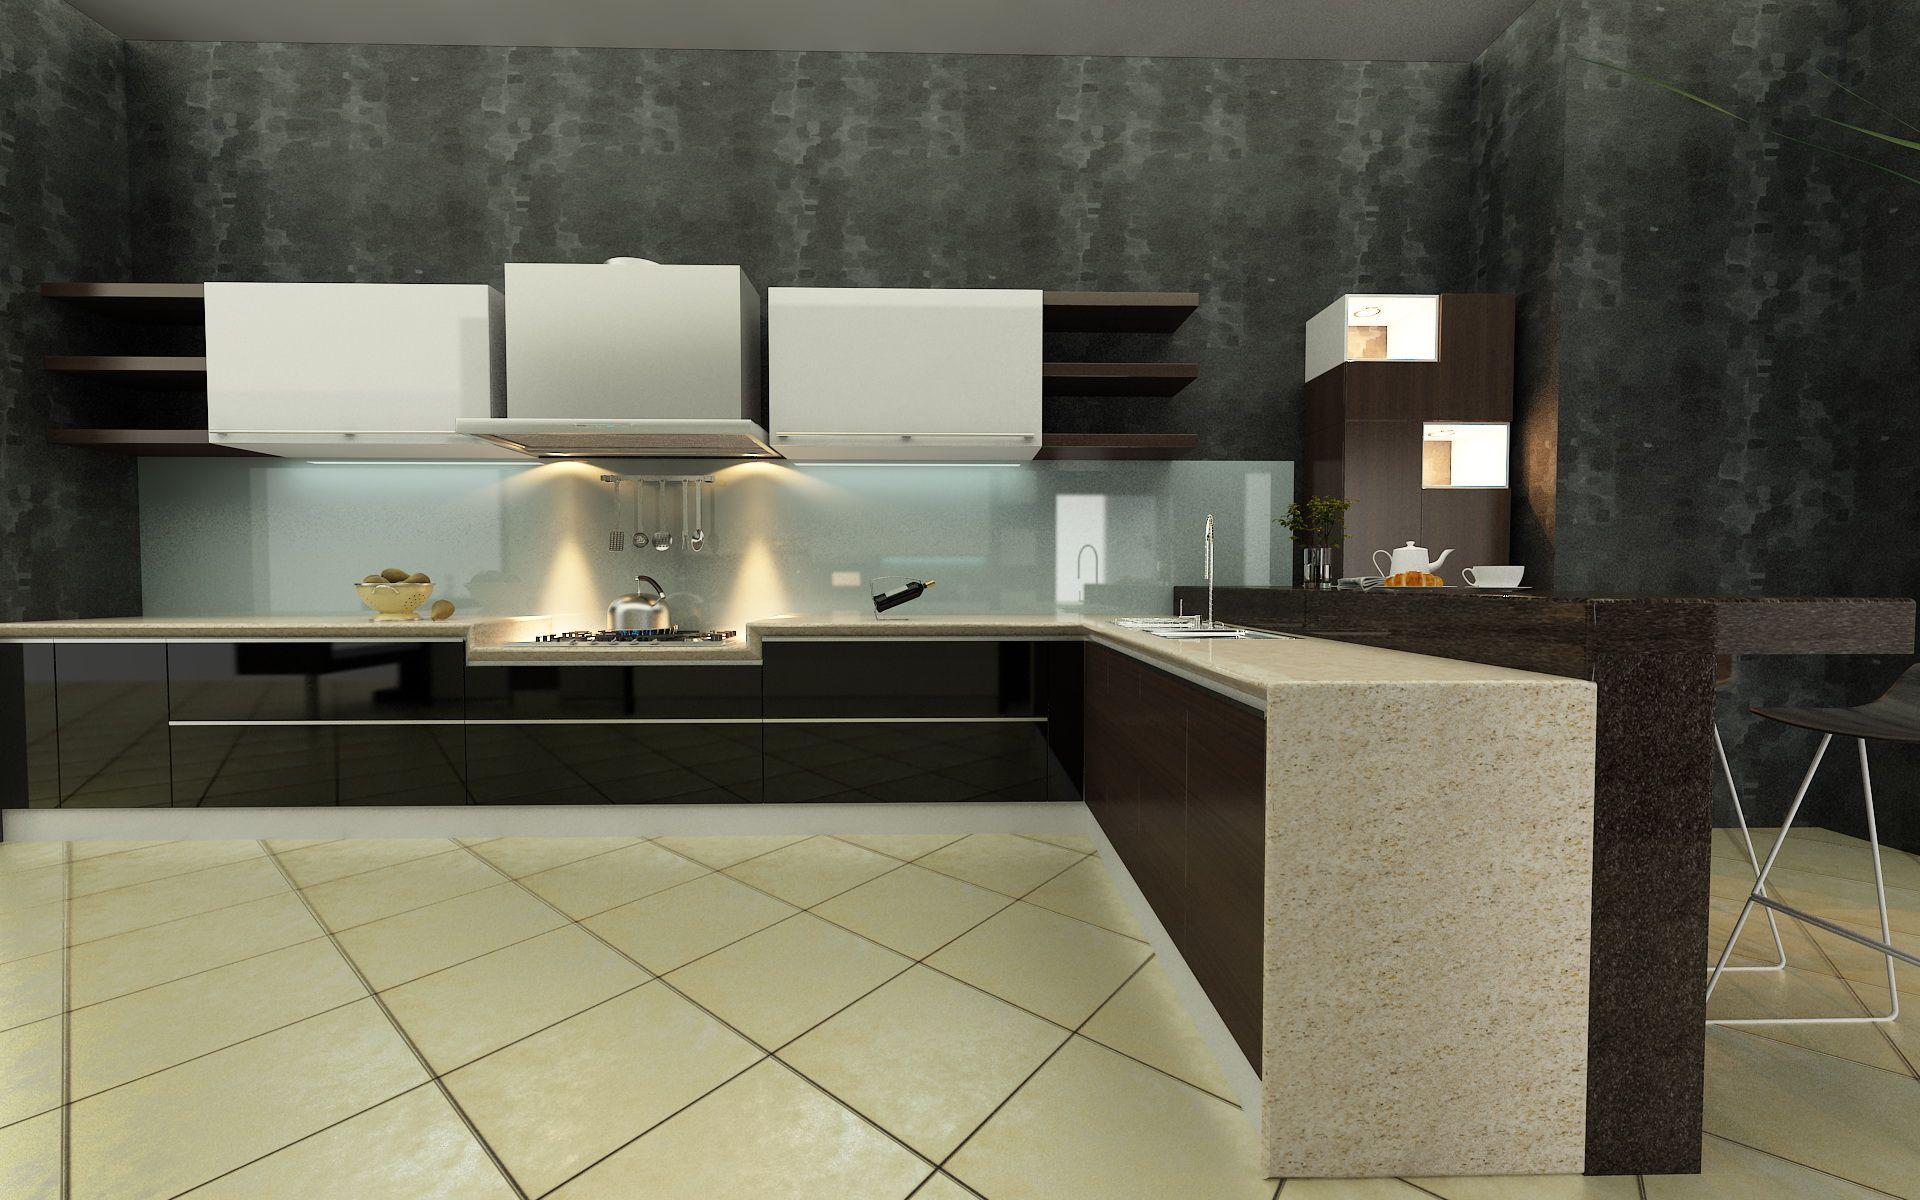 II eshgh abadi kitchen (7)_result